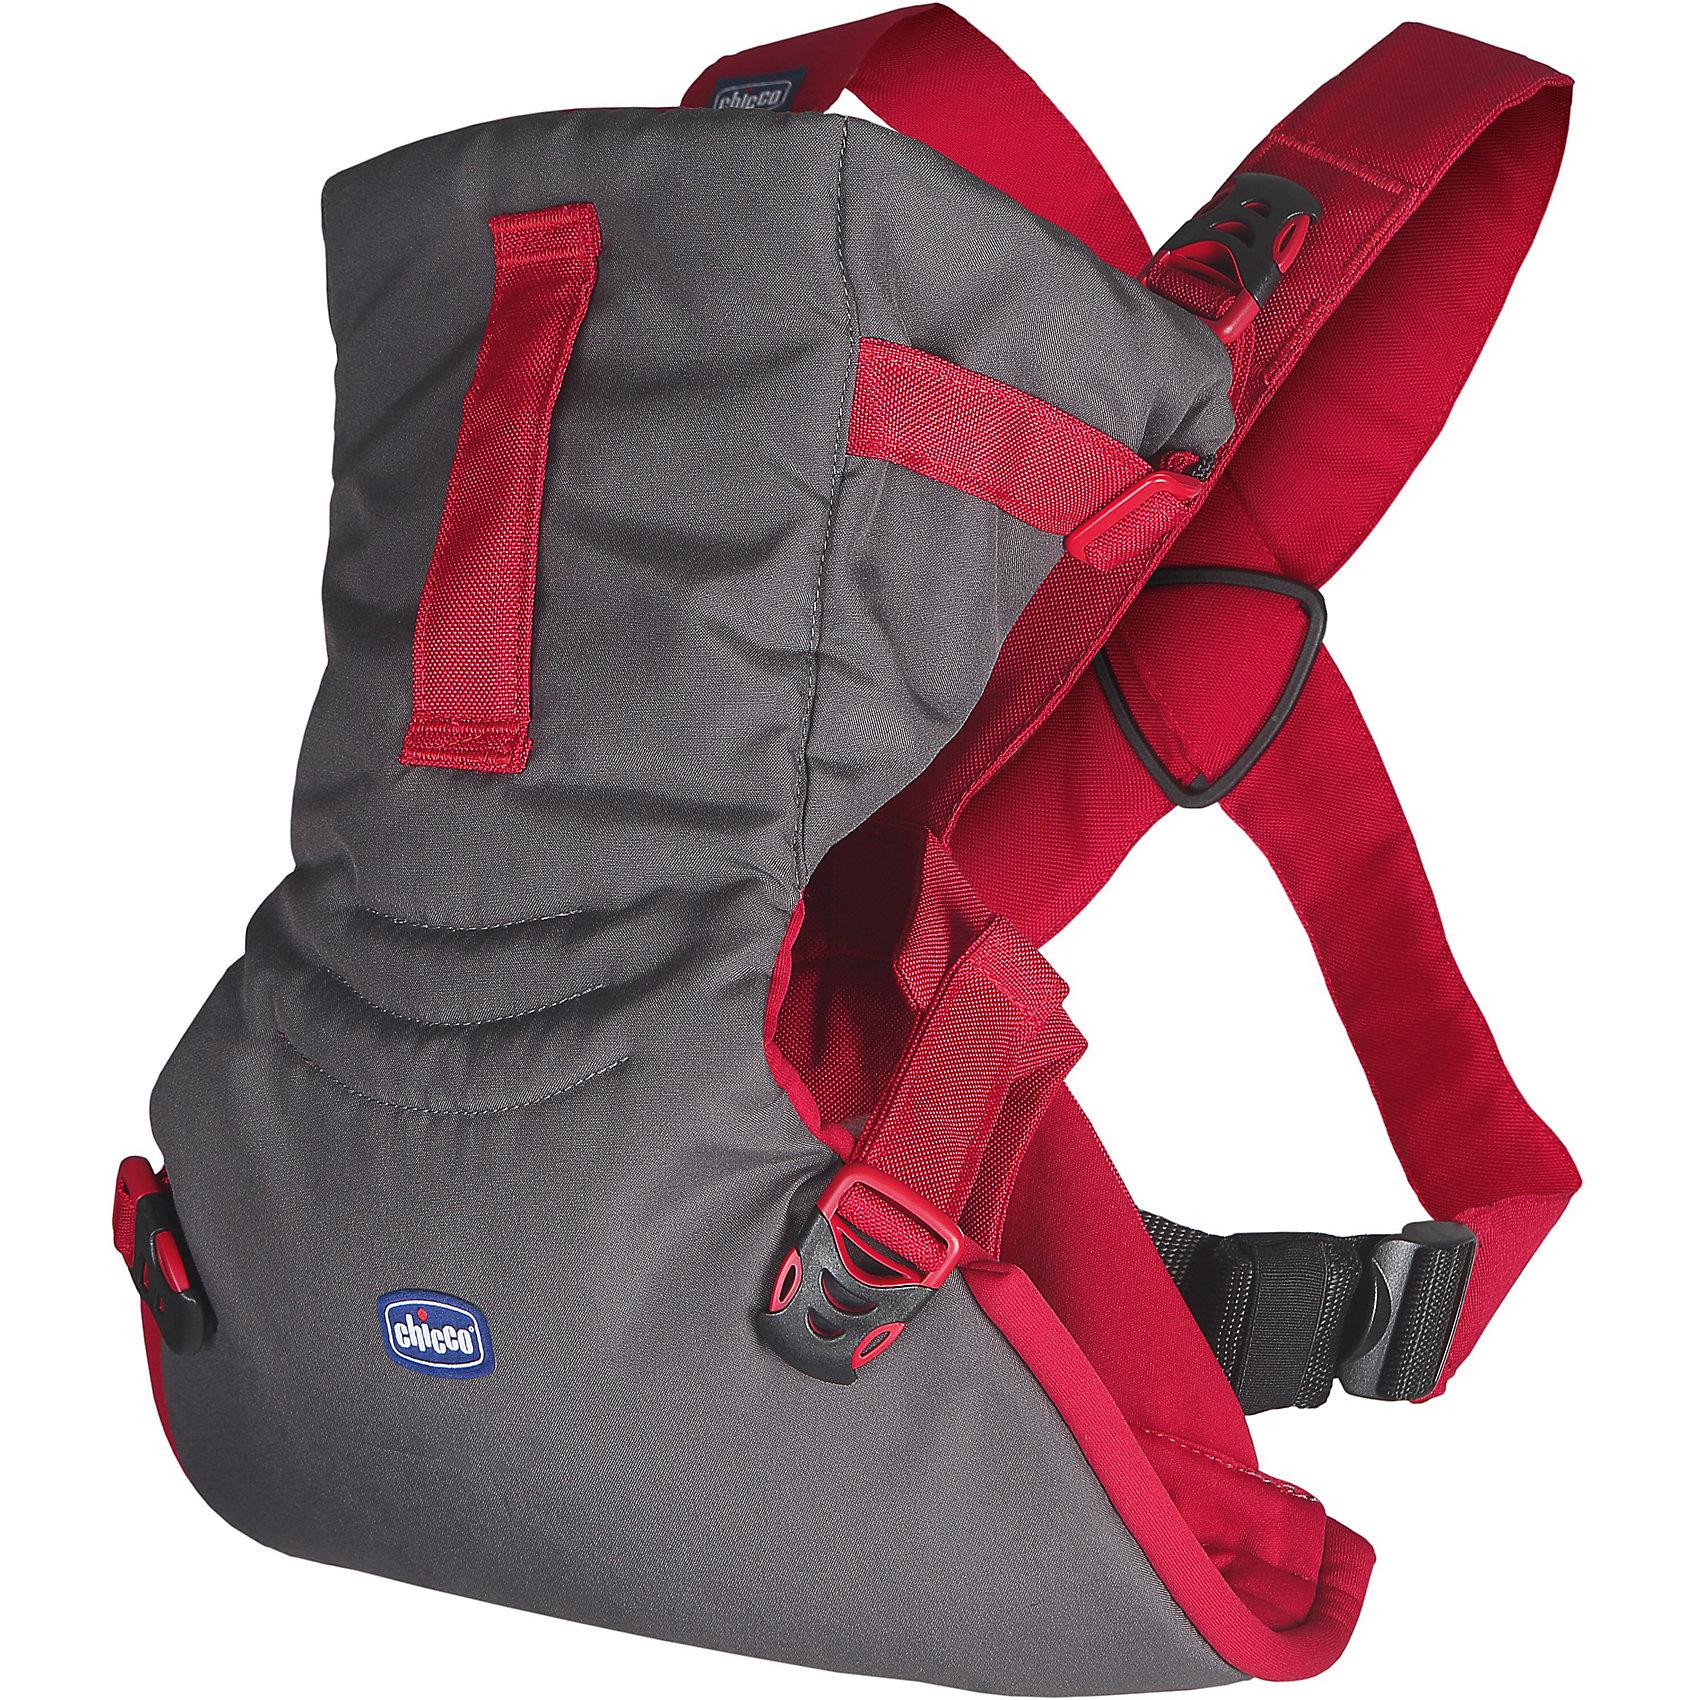 Переноска-кенгуру Easy Fit, Chicco, paprikaСлинги и рюкзаки-переноски<br>Характеристики:<br><br>• носится как футболка; <br>• обеспечивает безопасное положение ребенка во время прогулок;<br>• эргомичное сиденье обеспечивает правильное положение бедер ребенка;<br>• можно подстроить под комплекцию каждого ребенка;<br>• ножки малыша анатомически правильно расположены;<br>• позвоночник развивается правильно;<br>• малыш свободно дышит, имеется расстояние от спинки до личика; <br>• можно уложить даже спящего ребенка;<br>• два положения: лицом к маме, спинкой к маме;<br>• когда ребенок подрастет, мама может поддерживать ножки малыша, создавая упор для прыжков в вертикальном положении;<br>• на капюшоне-подголовнике расположена ручка-ремешок, чтобы маме было удобнее поддерживать головку подросшего ребенка;<br>• петелька для крепления держателя от пустышки, легкой развивающей игрушки или прорезывателя;<br>• рюкзак компактно складывается, есть возможность зафиксировать в сложенном виде;<br>• понятная регулировка ремней;<br>• допускается стирка при температуре 30 градусов;<br>• протестировано педиатрами;<br>• максимальный вес ребенка: 9 кг;<br>• размер переноски: 30х15 см;<br>• вес переноски: 400 г.<br><br>Переноску-кенгуру Easy Fit, Chicco, paprika можно купить в нашем интернет-магазине.<br><br>Ширина мм: 160<br>Глубина мм: 110<br>Высота мм: 305<br>Вес г: 557<br>Возраст от месяцев: 0<br>Возраст до месяцев: 9<br>Пол: Унисекс<br>Возраст: Детский<br>SKU: 6682746